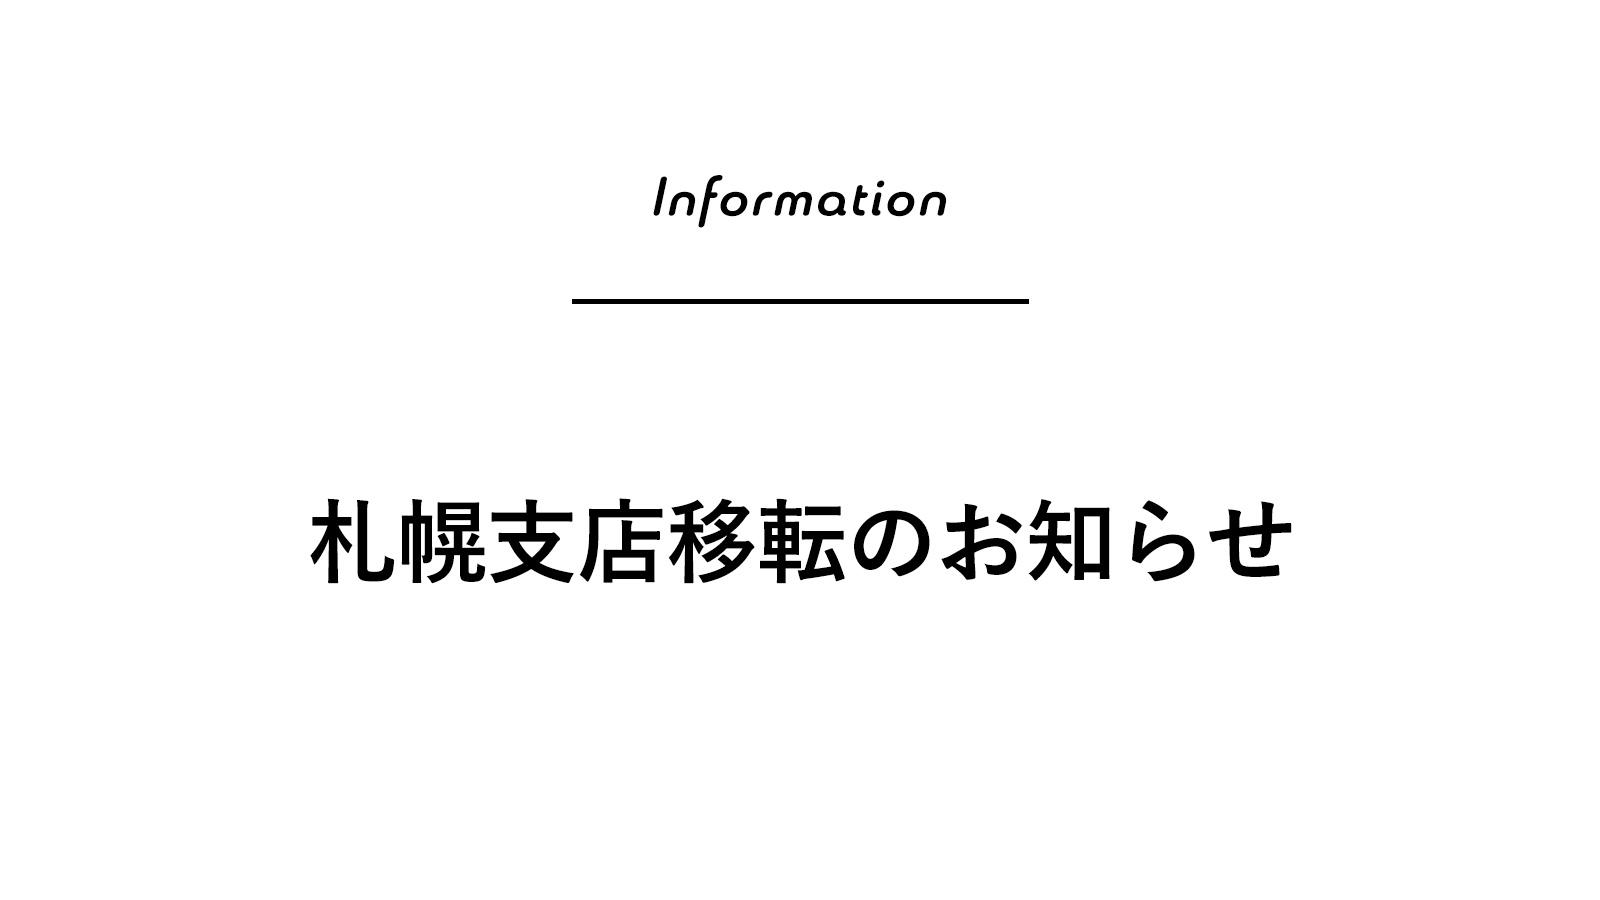 2019年10月5日|札幌支店移転のお知らせ